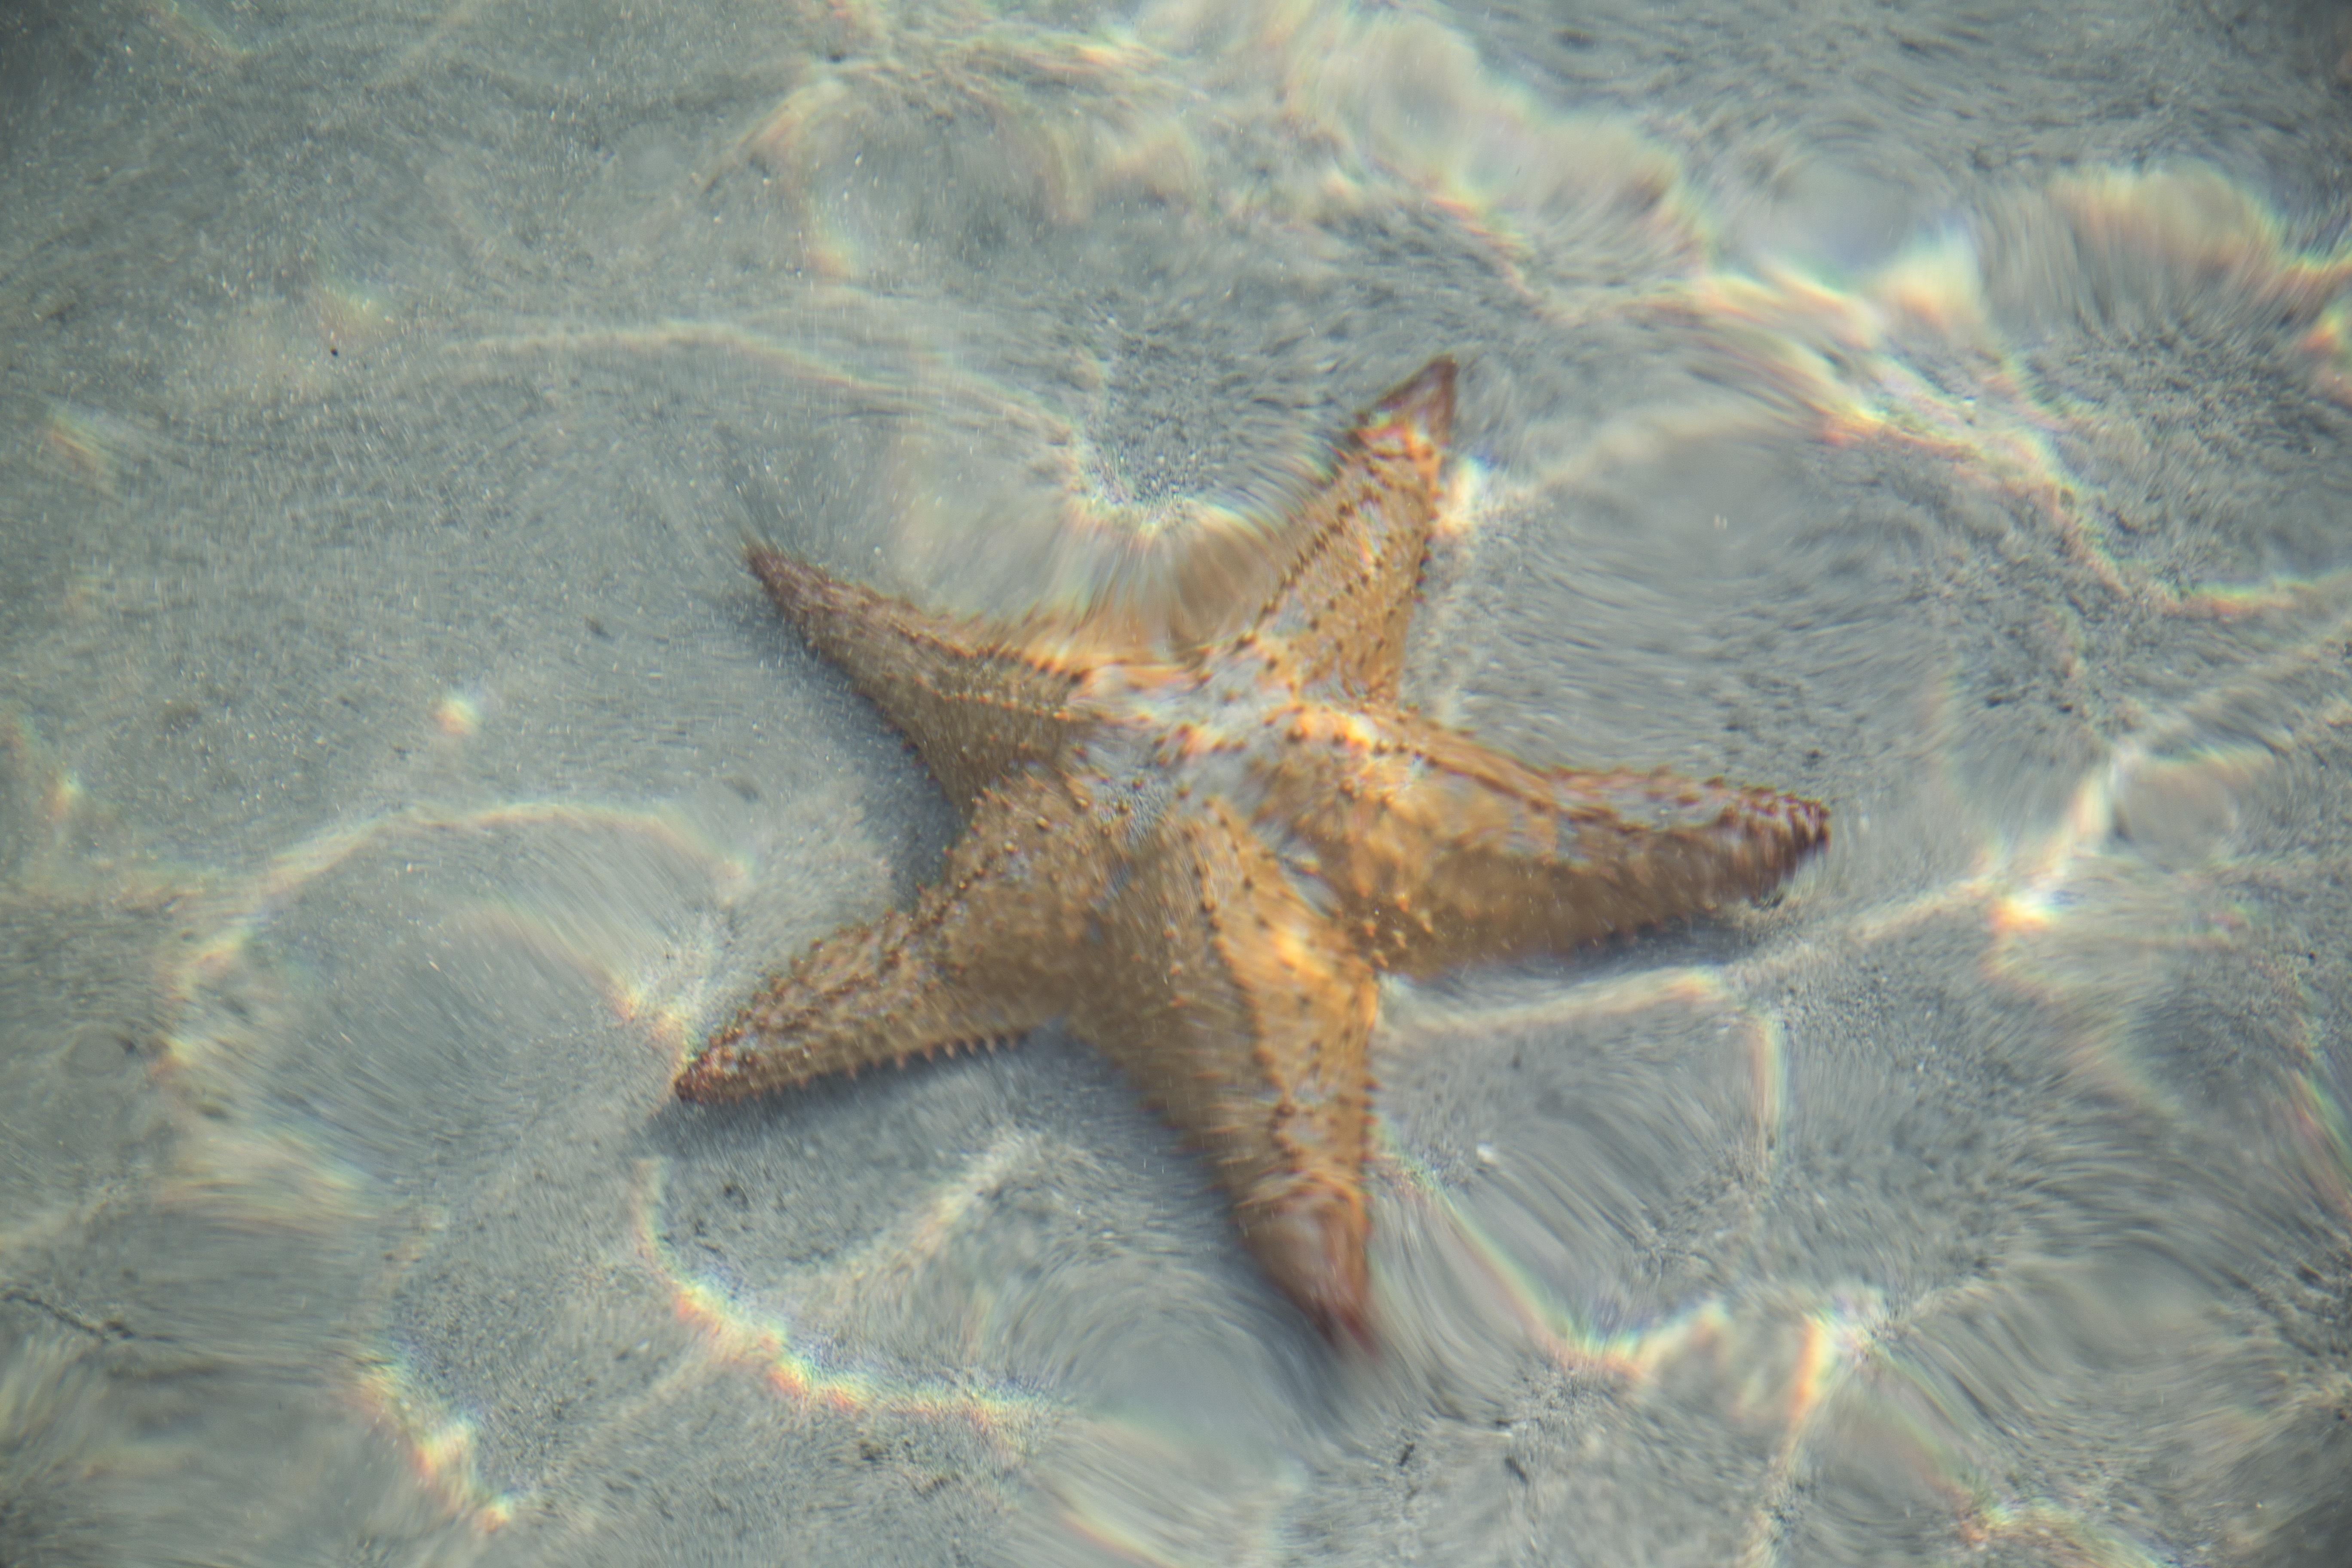 Images Gratuites : plage, le sable, océan, animal, été